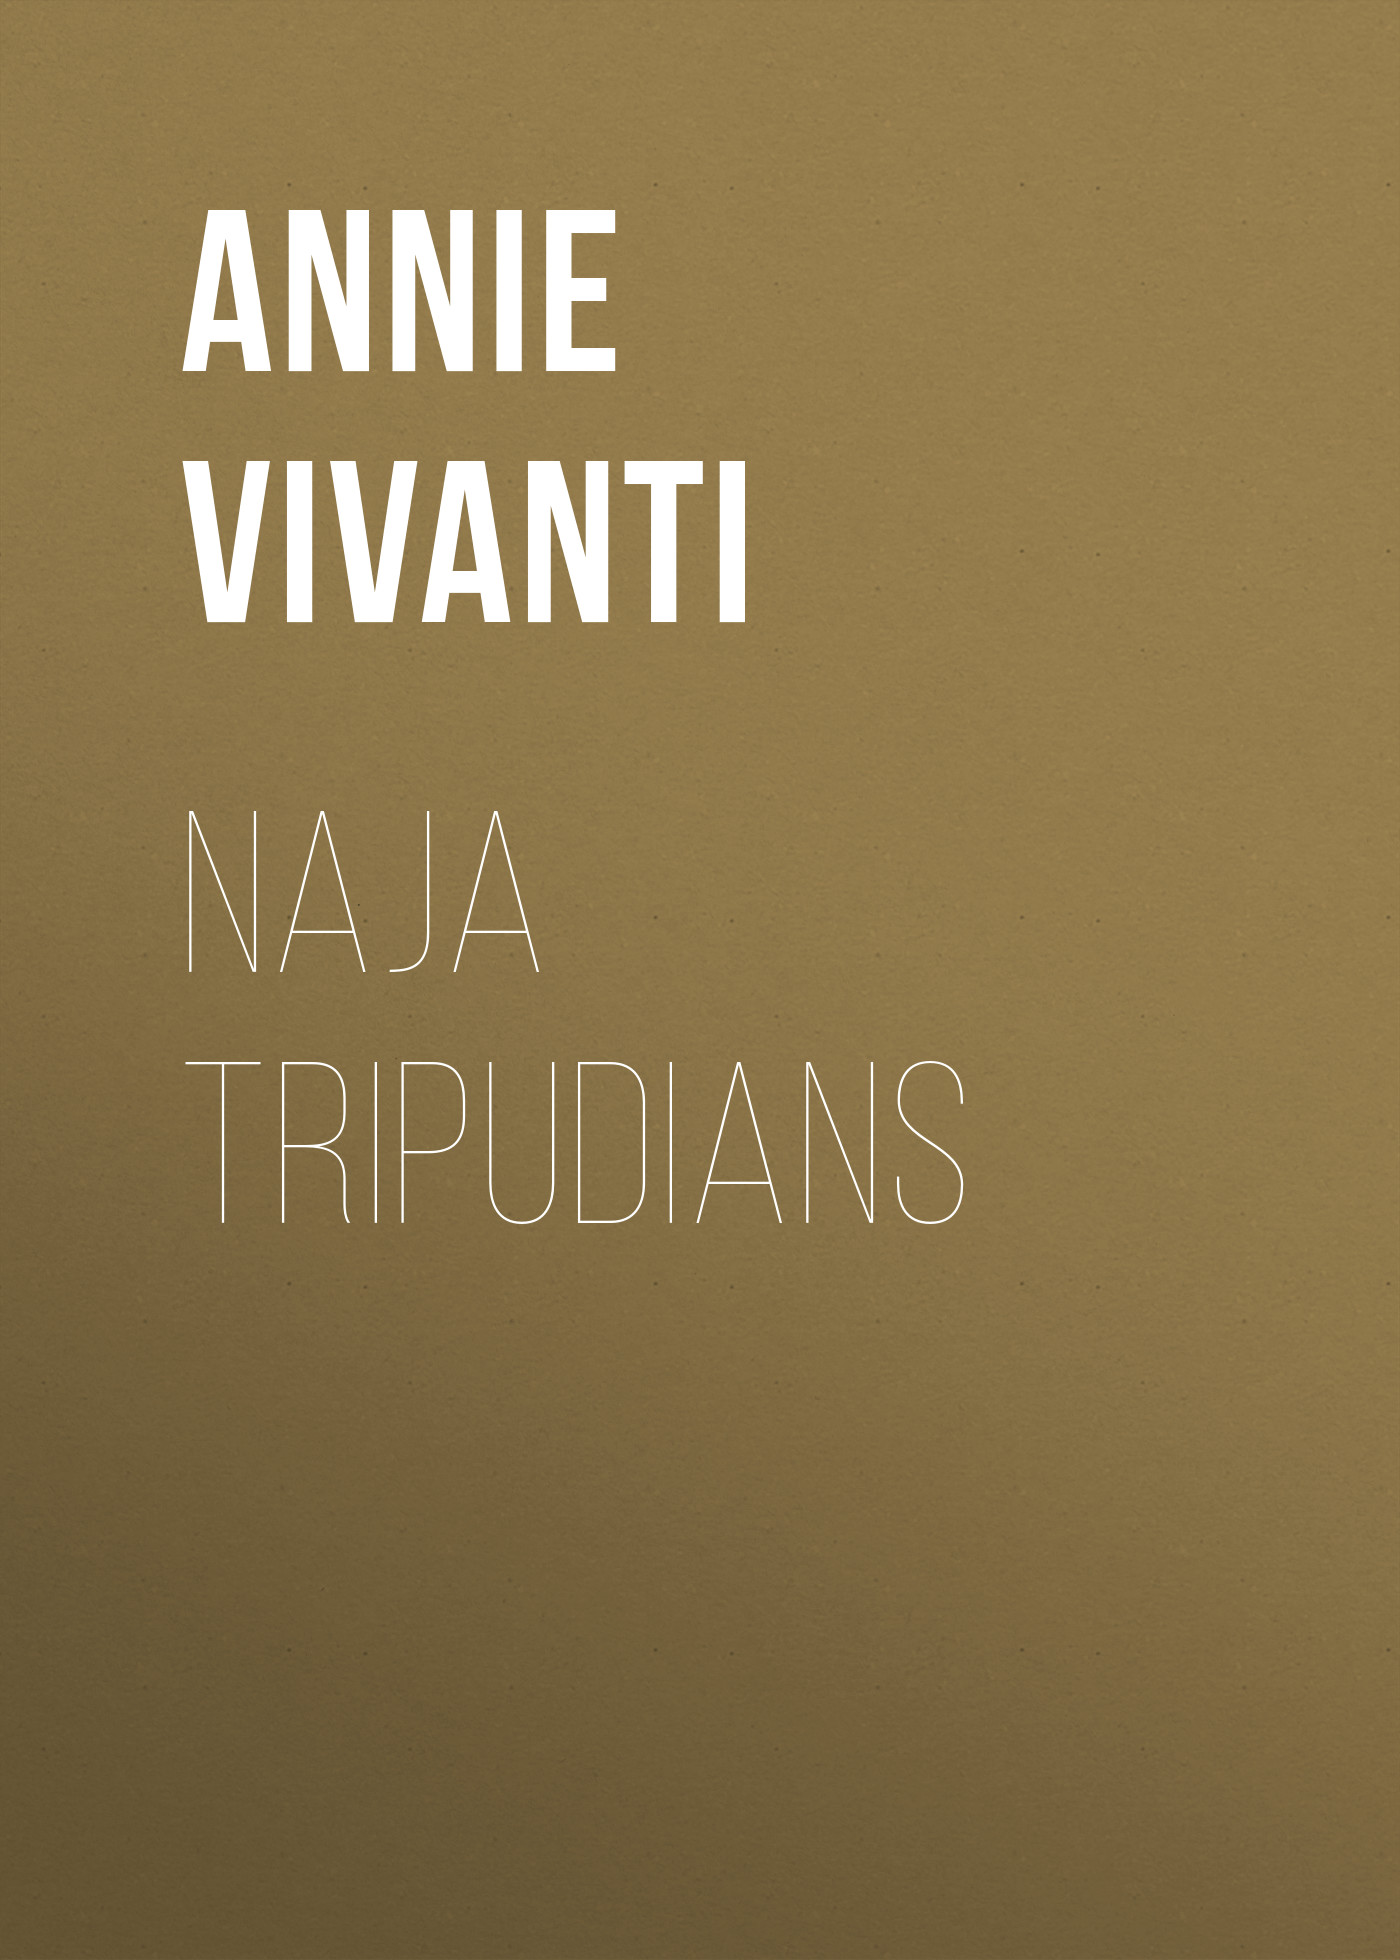 Annie Vivanti Naja tripudians annie vivanti gioia